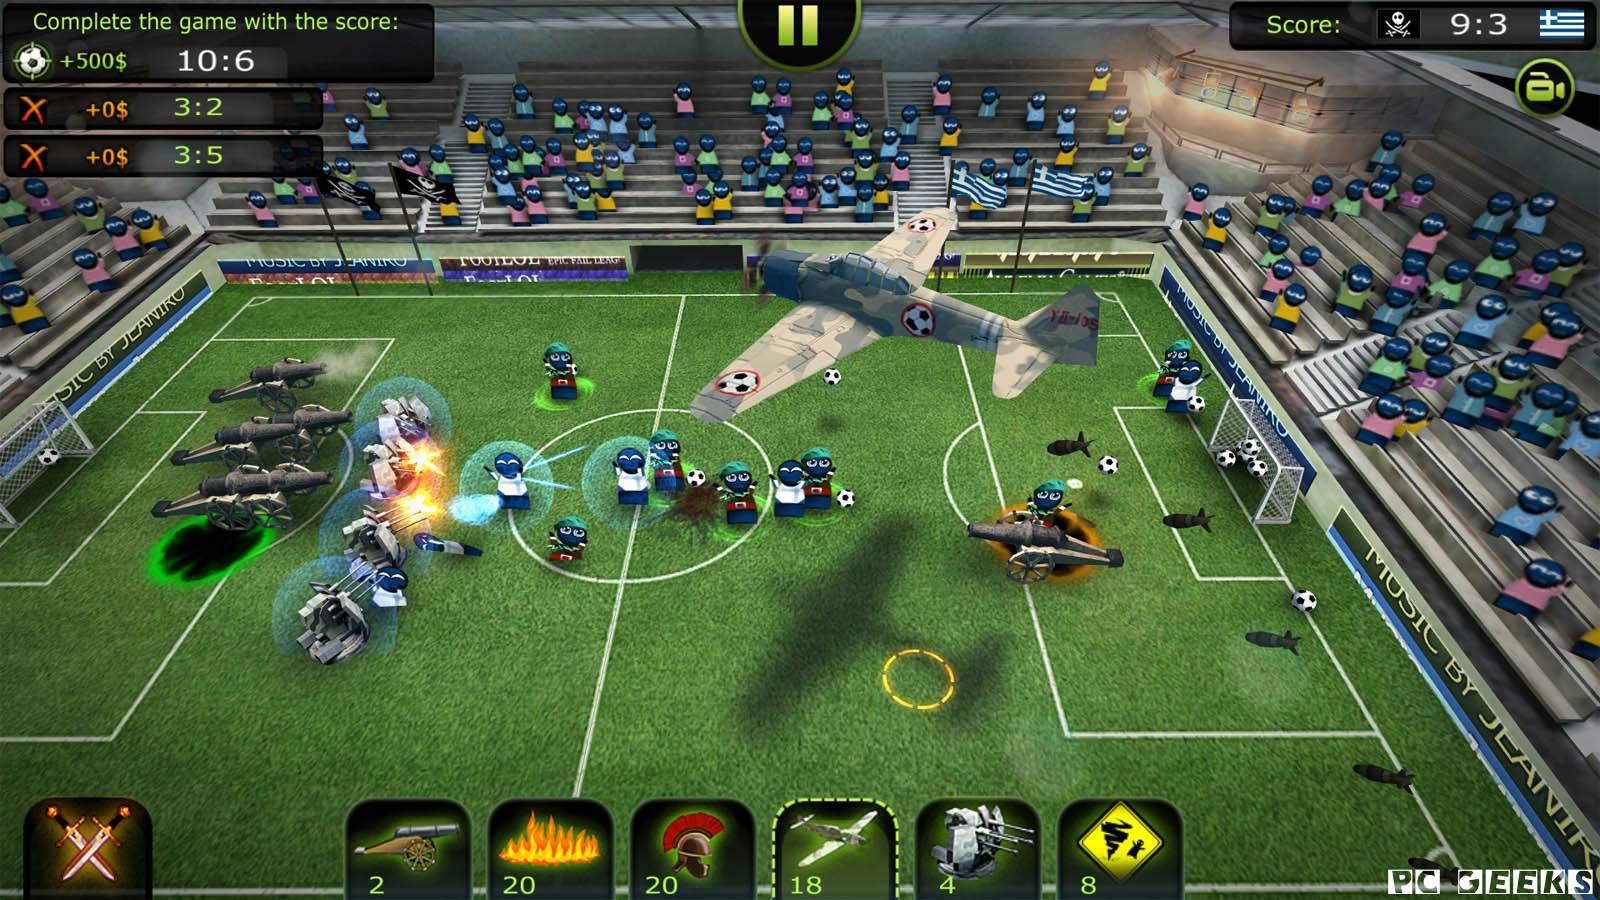 تحميل لعبة FootLOL مضغوطة برابط واحد مباشر كاملة مجانا